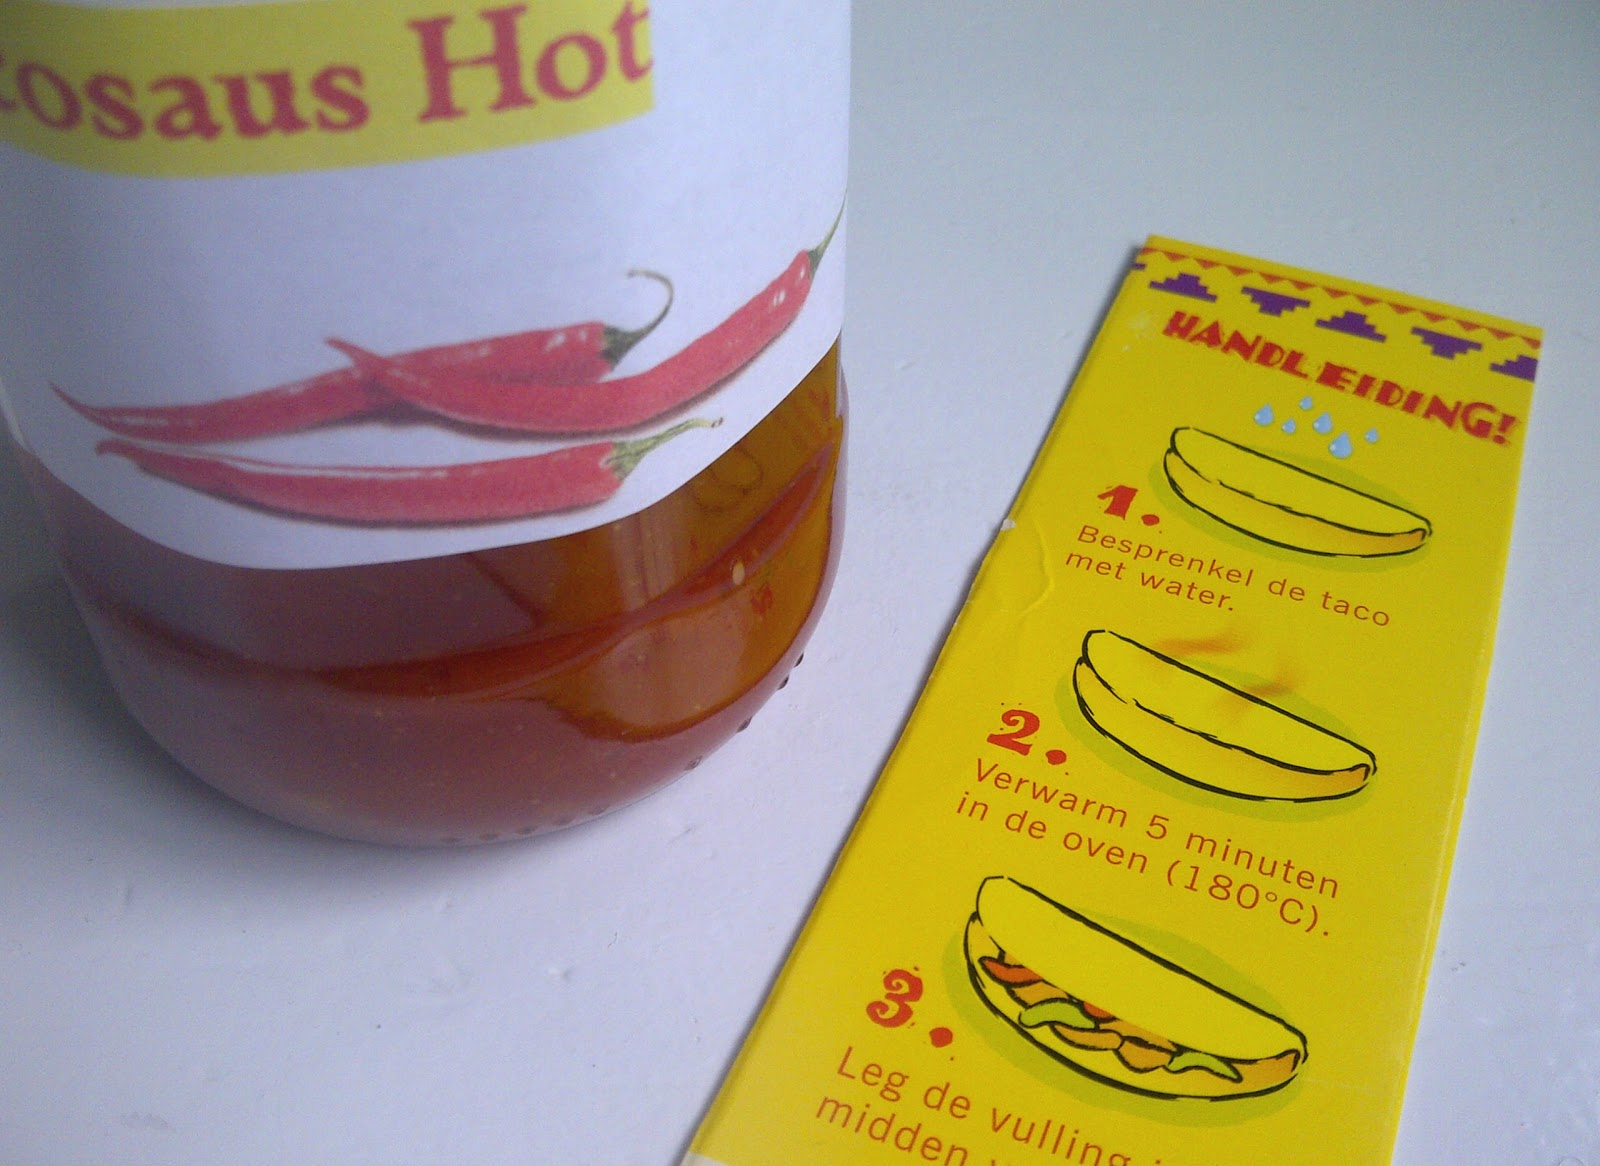 tacosaus hot